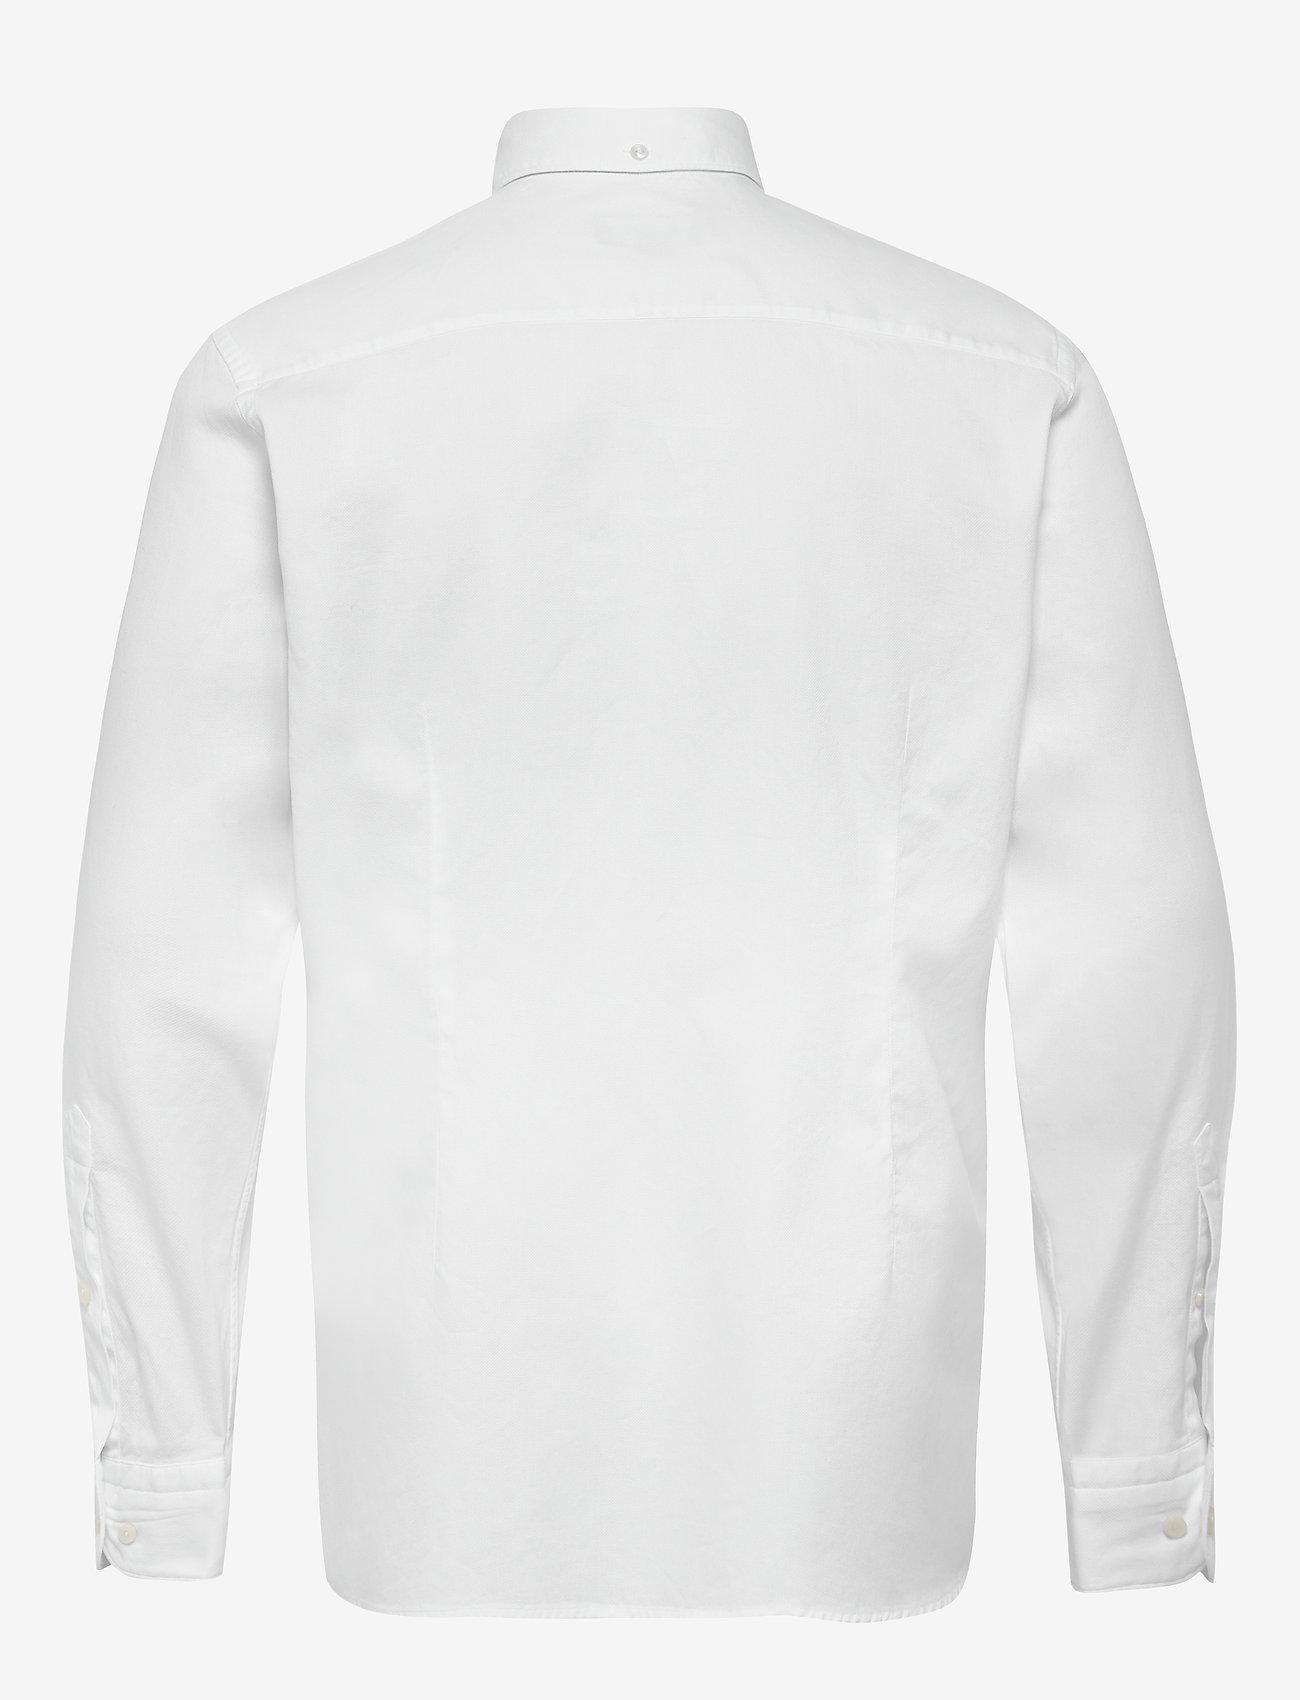 Eton Royal oxford shirt - Contemporary fit - Skjorter WHITE - Menn Klær